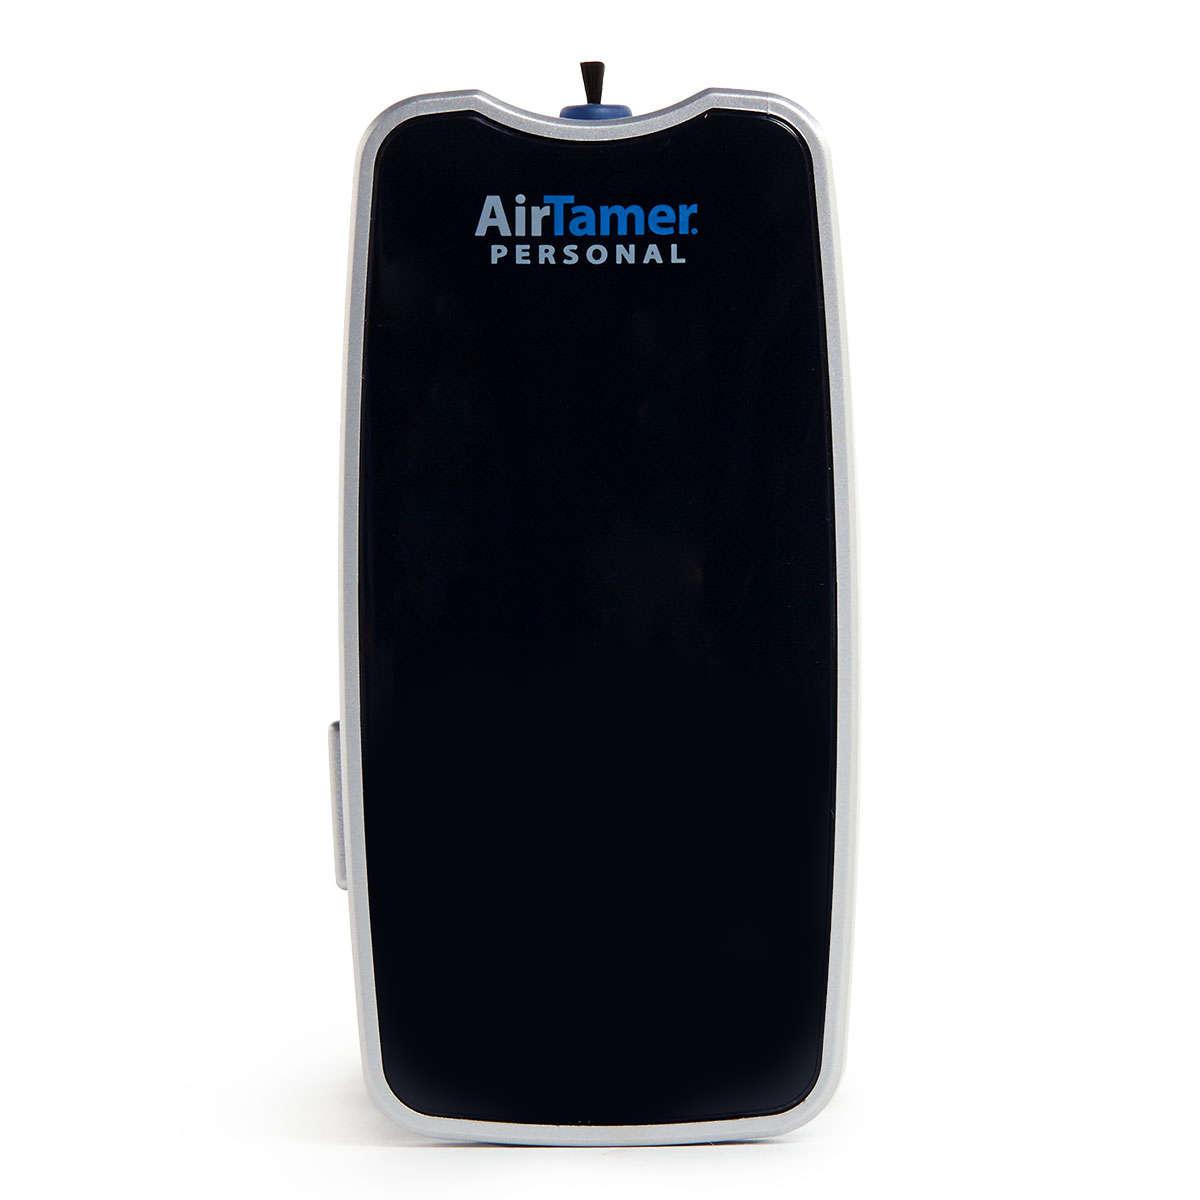 穿戴式負離子抗菌空氣淨化器 (USB充電)